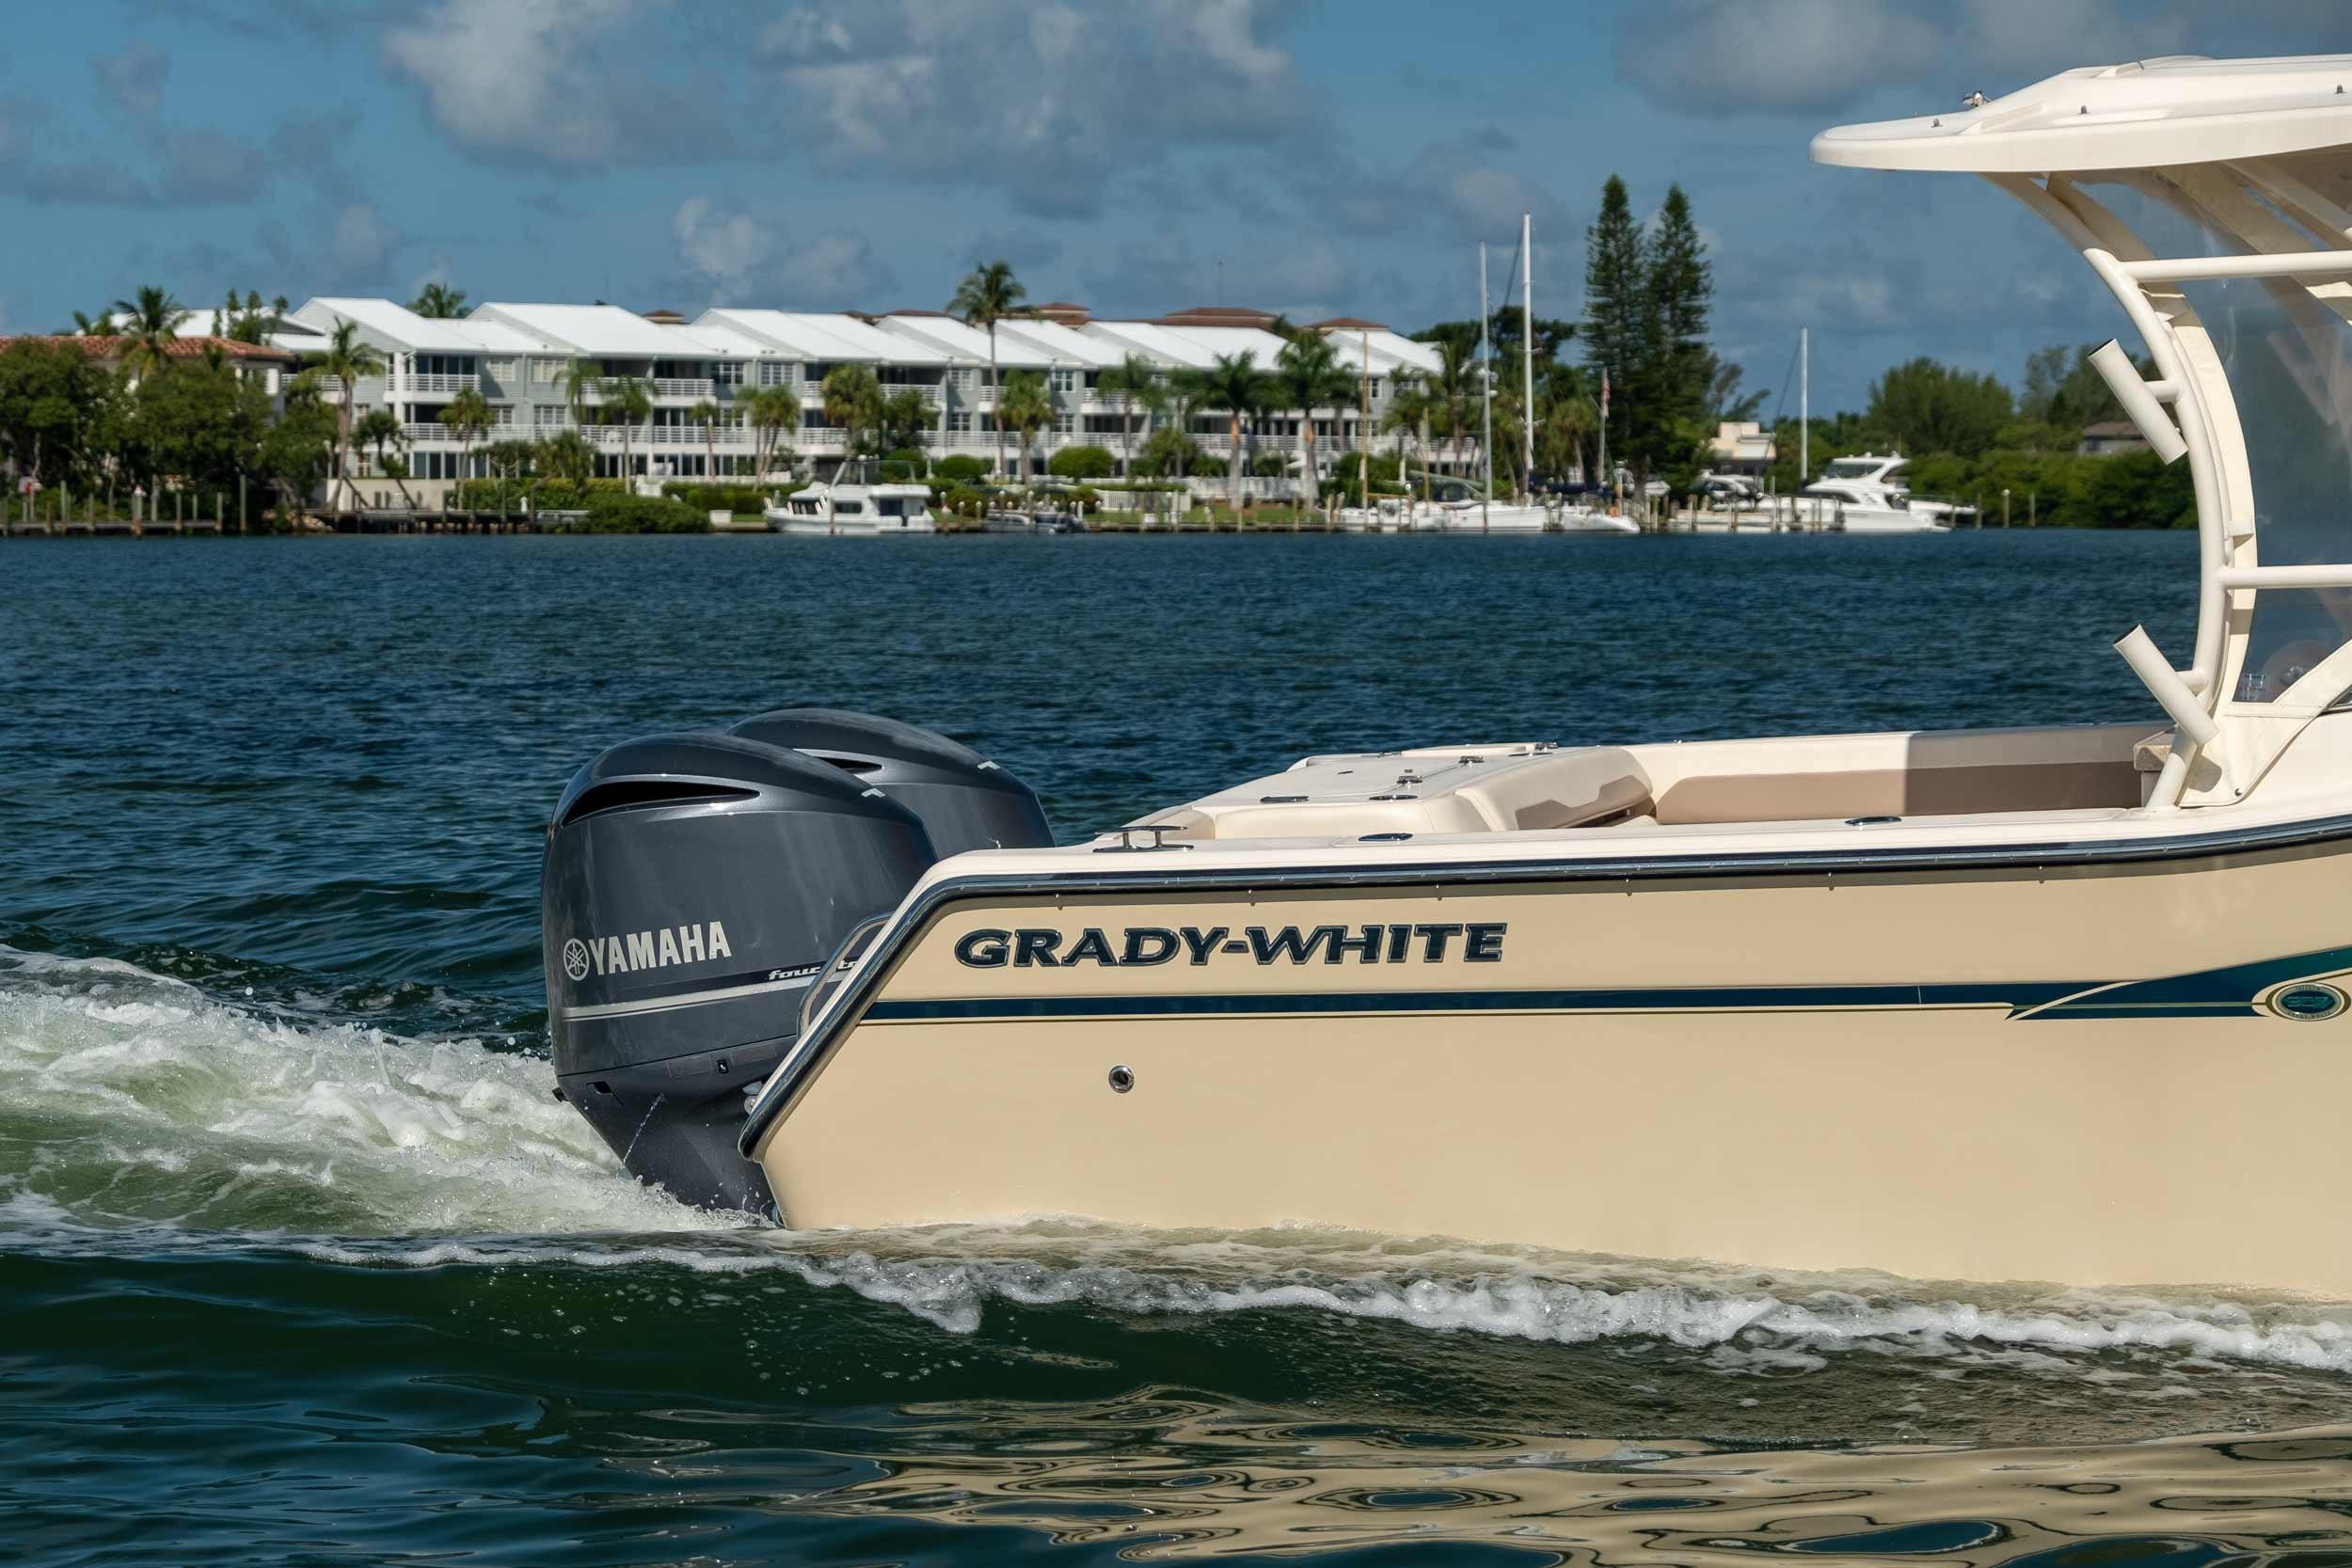 2014 Grady-White Freedom 307